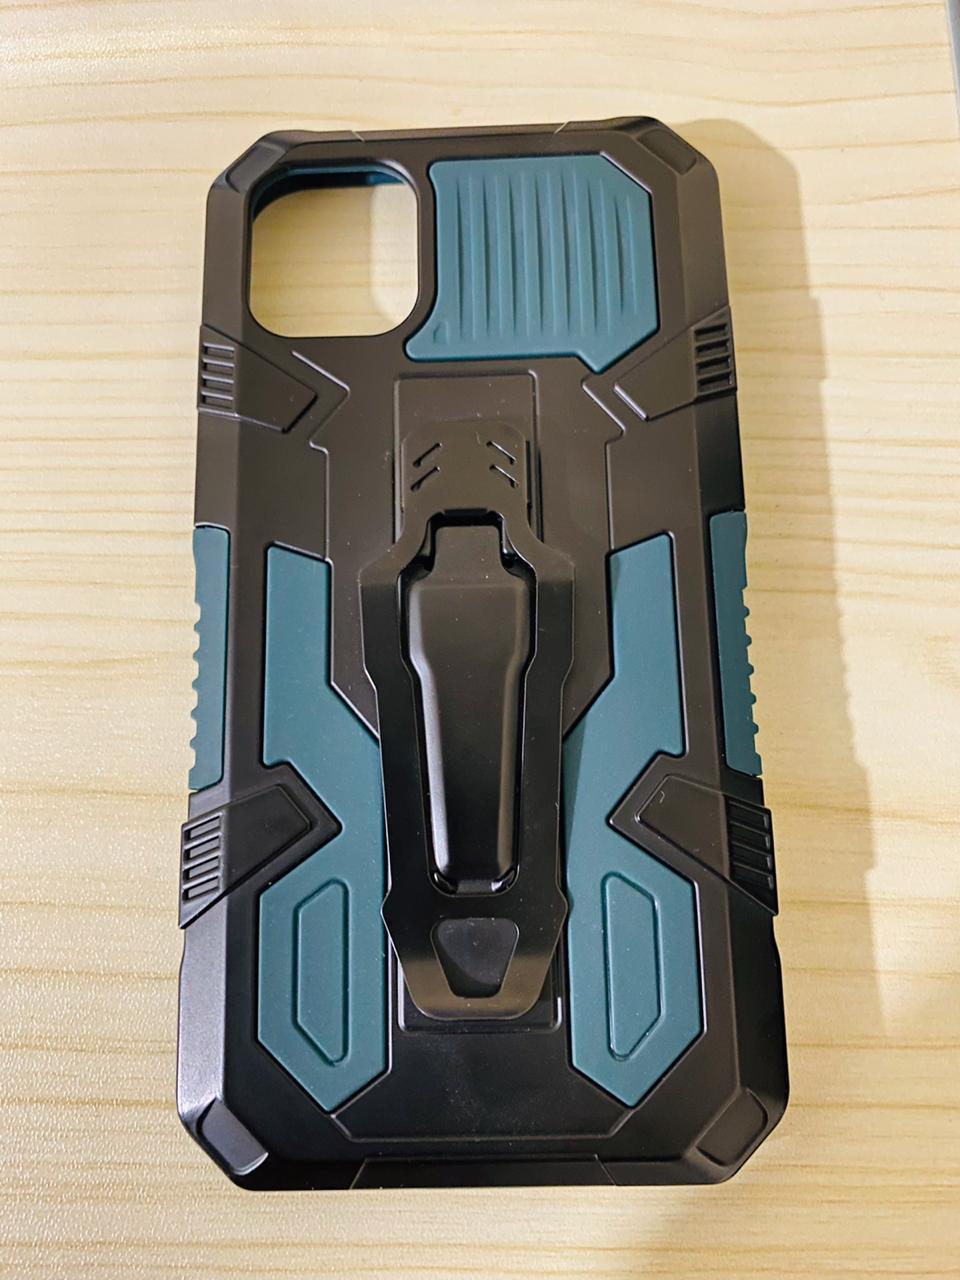 I phone 11 case